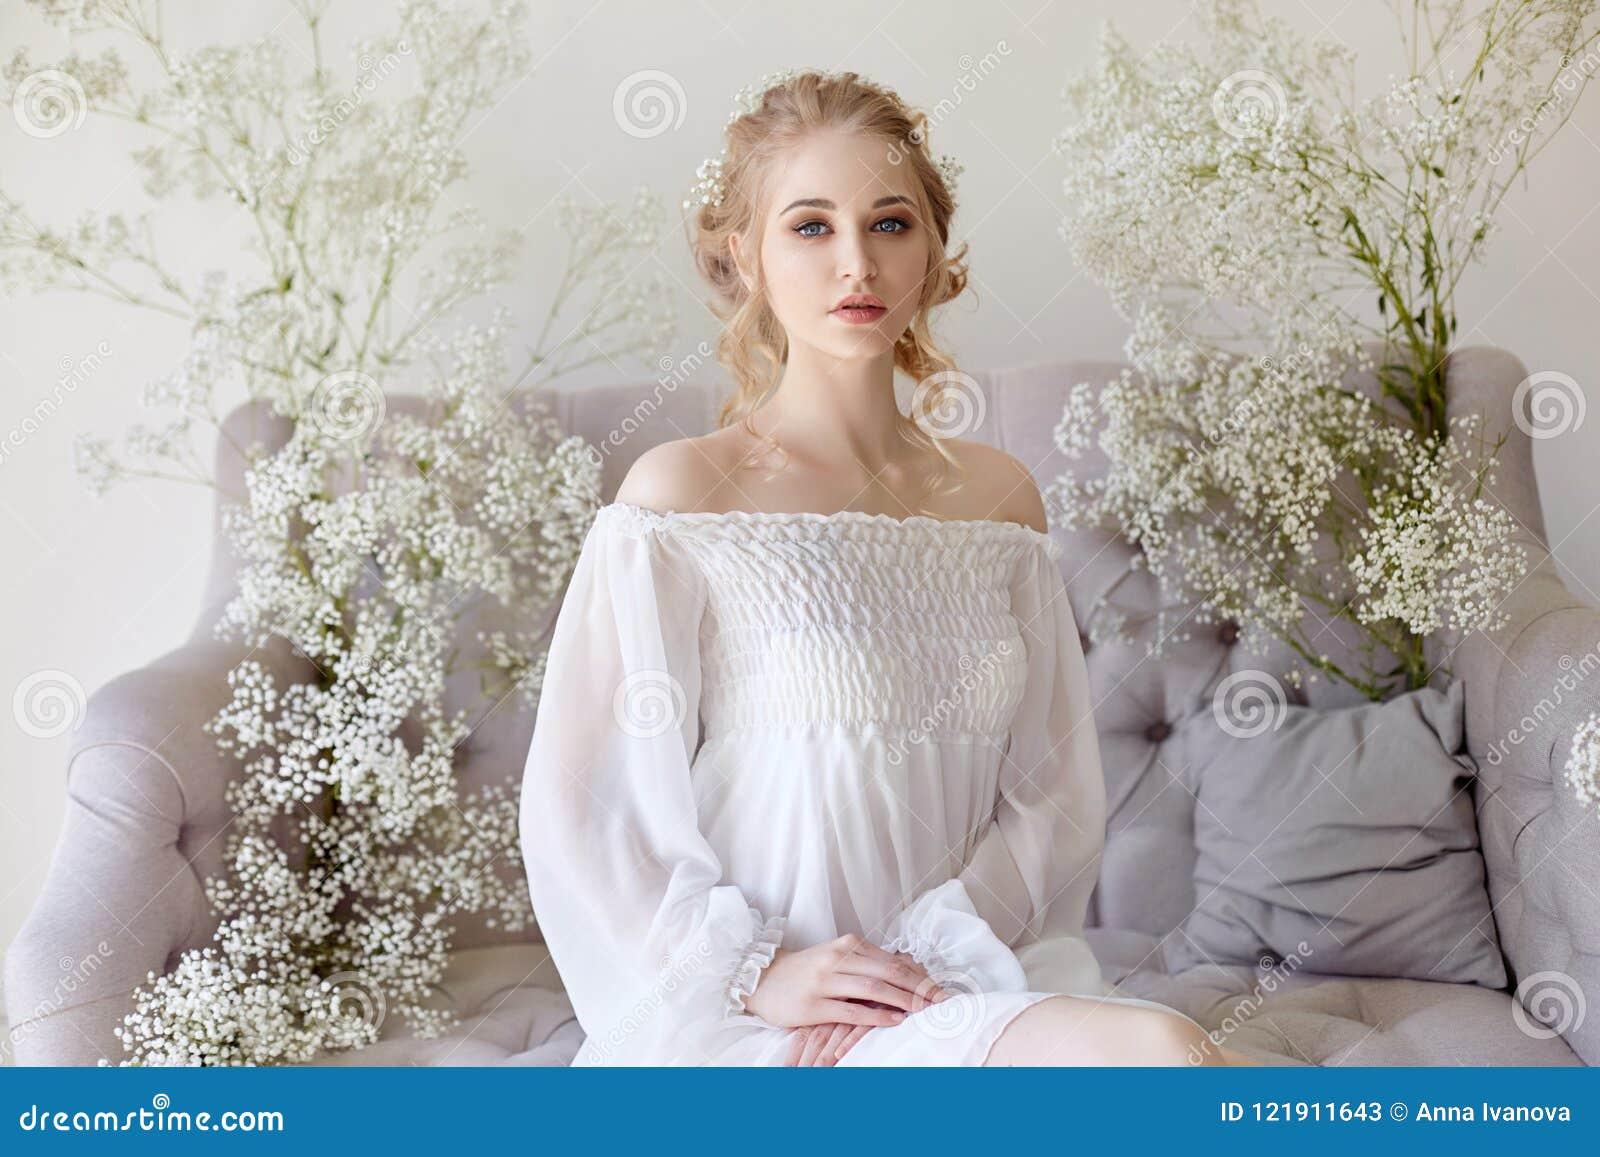 Meisjes witte lichte kleding en krullend haar, portret van vrouw met bloemen thuis dichtbij het venster, zuiverheid en onschuld K